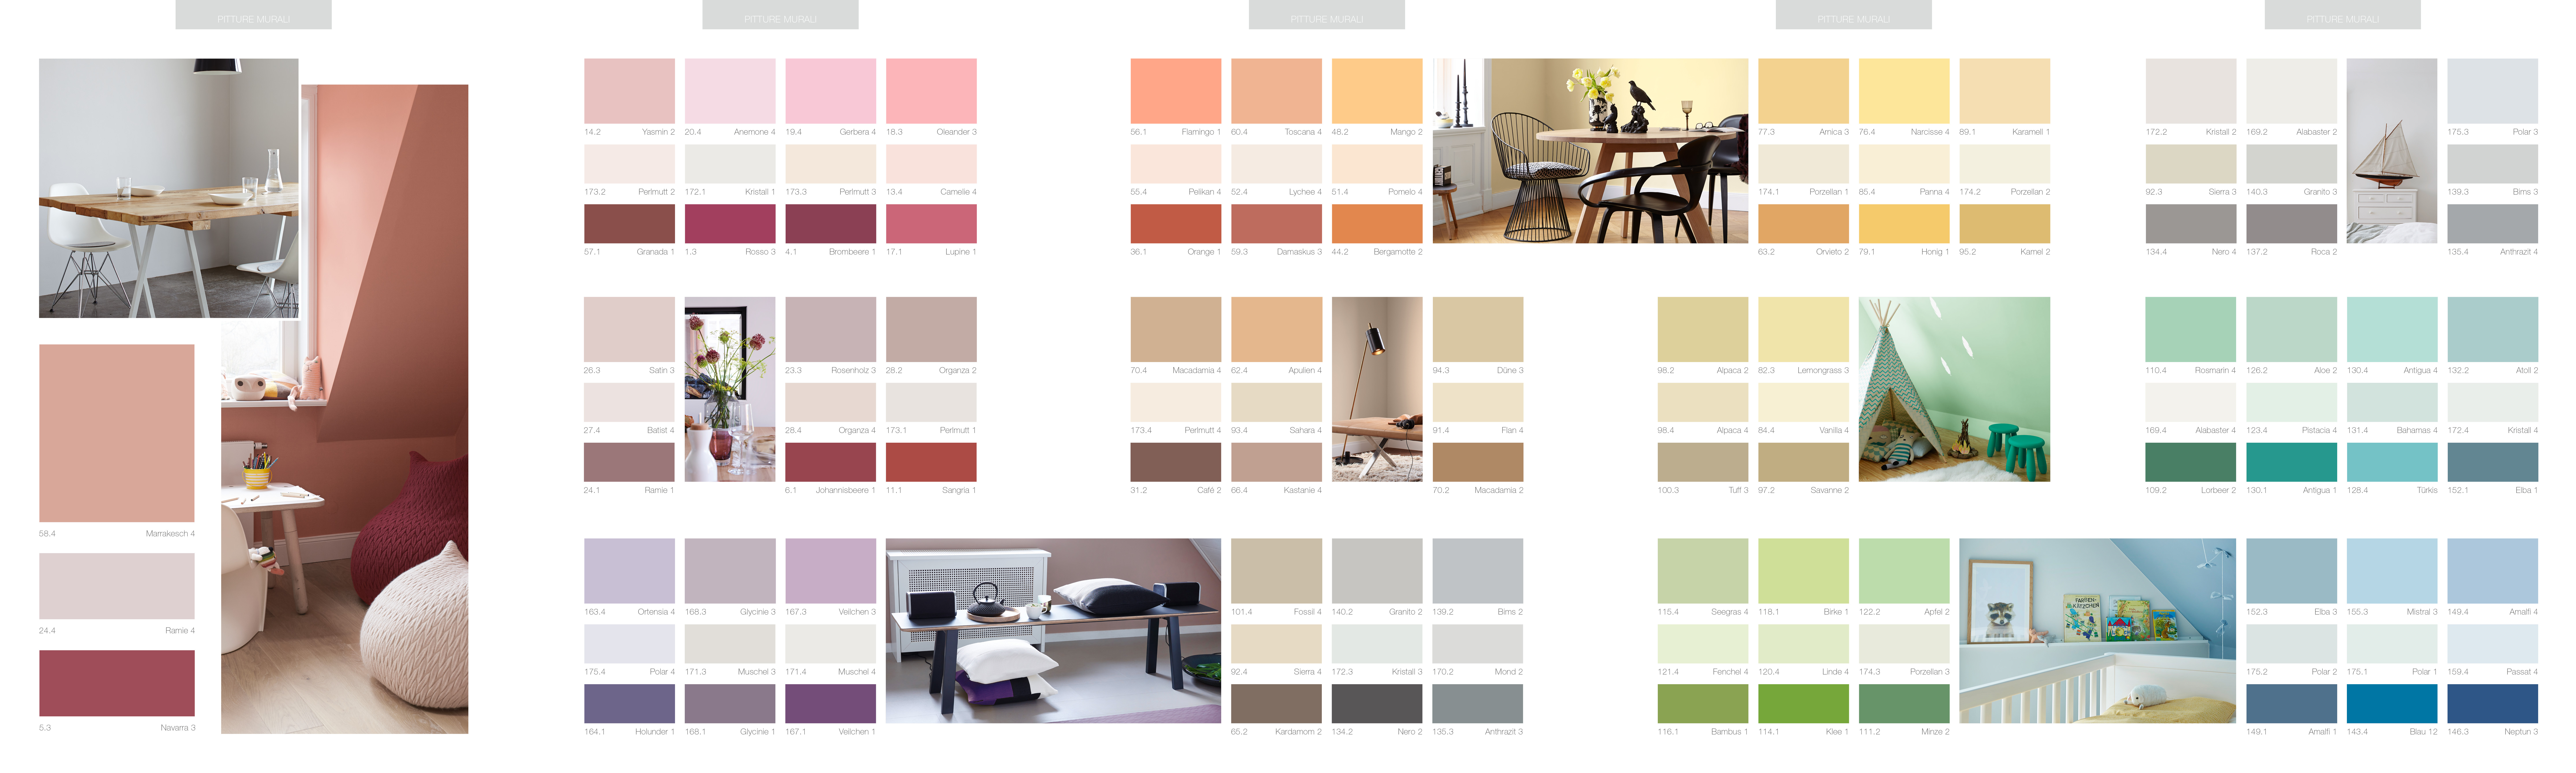 Abbinamento Colori Per Interni.Your Personal Home I Colori Per Interni Alpina Icolor Magazine